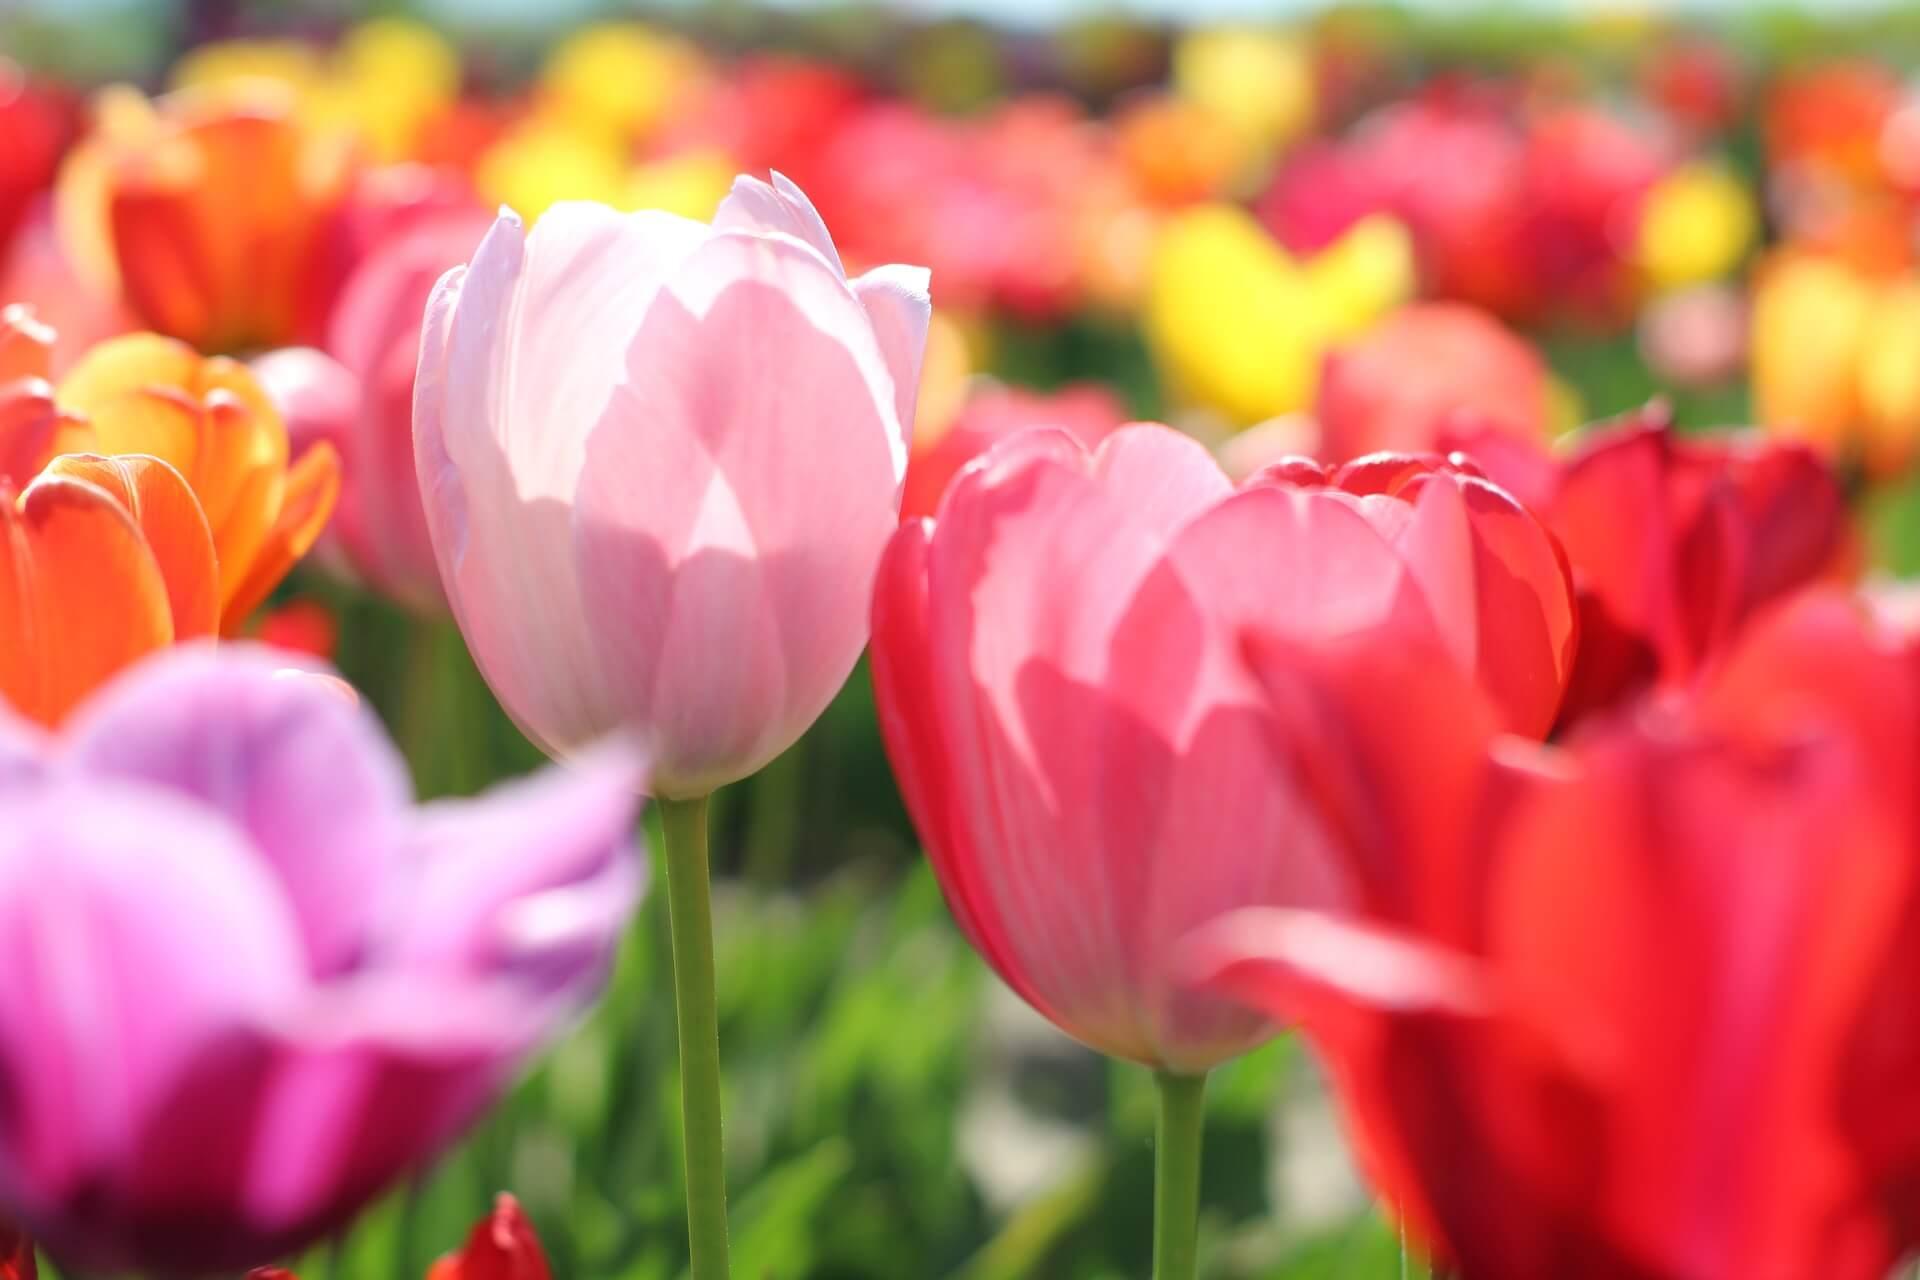 Frühjahrs-Special buchen und zwei Stunden Privat Spa geschenkt bekommen